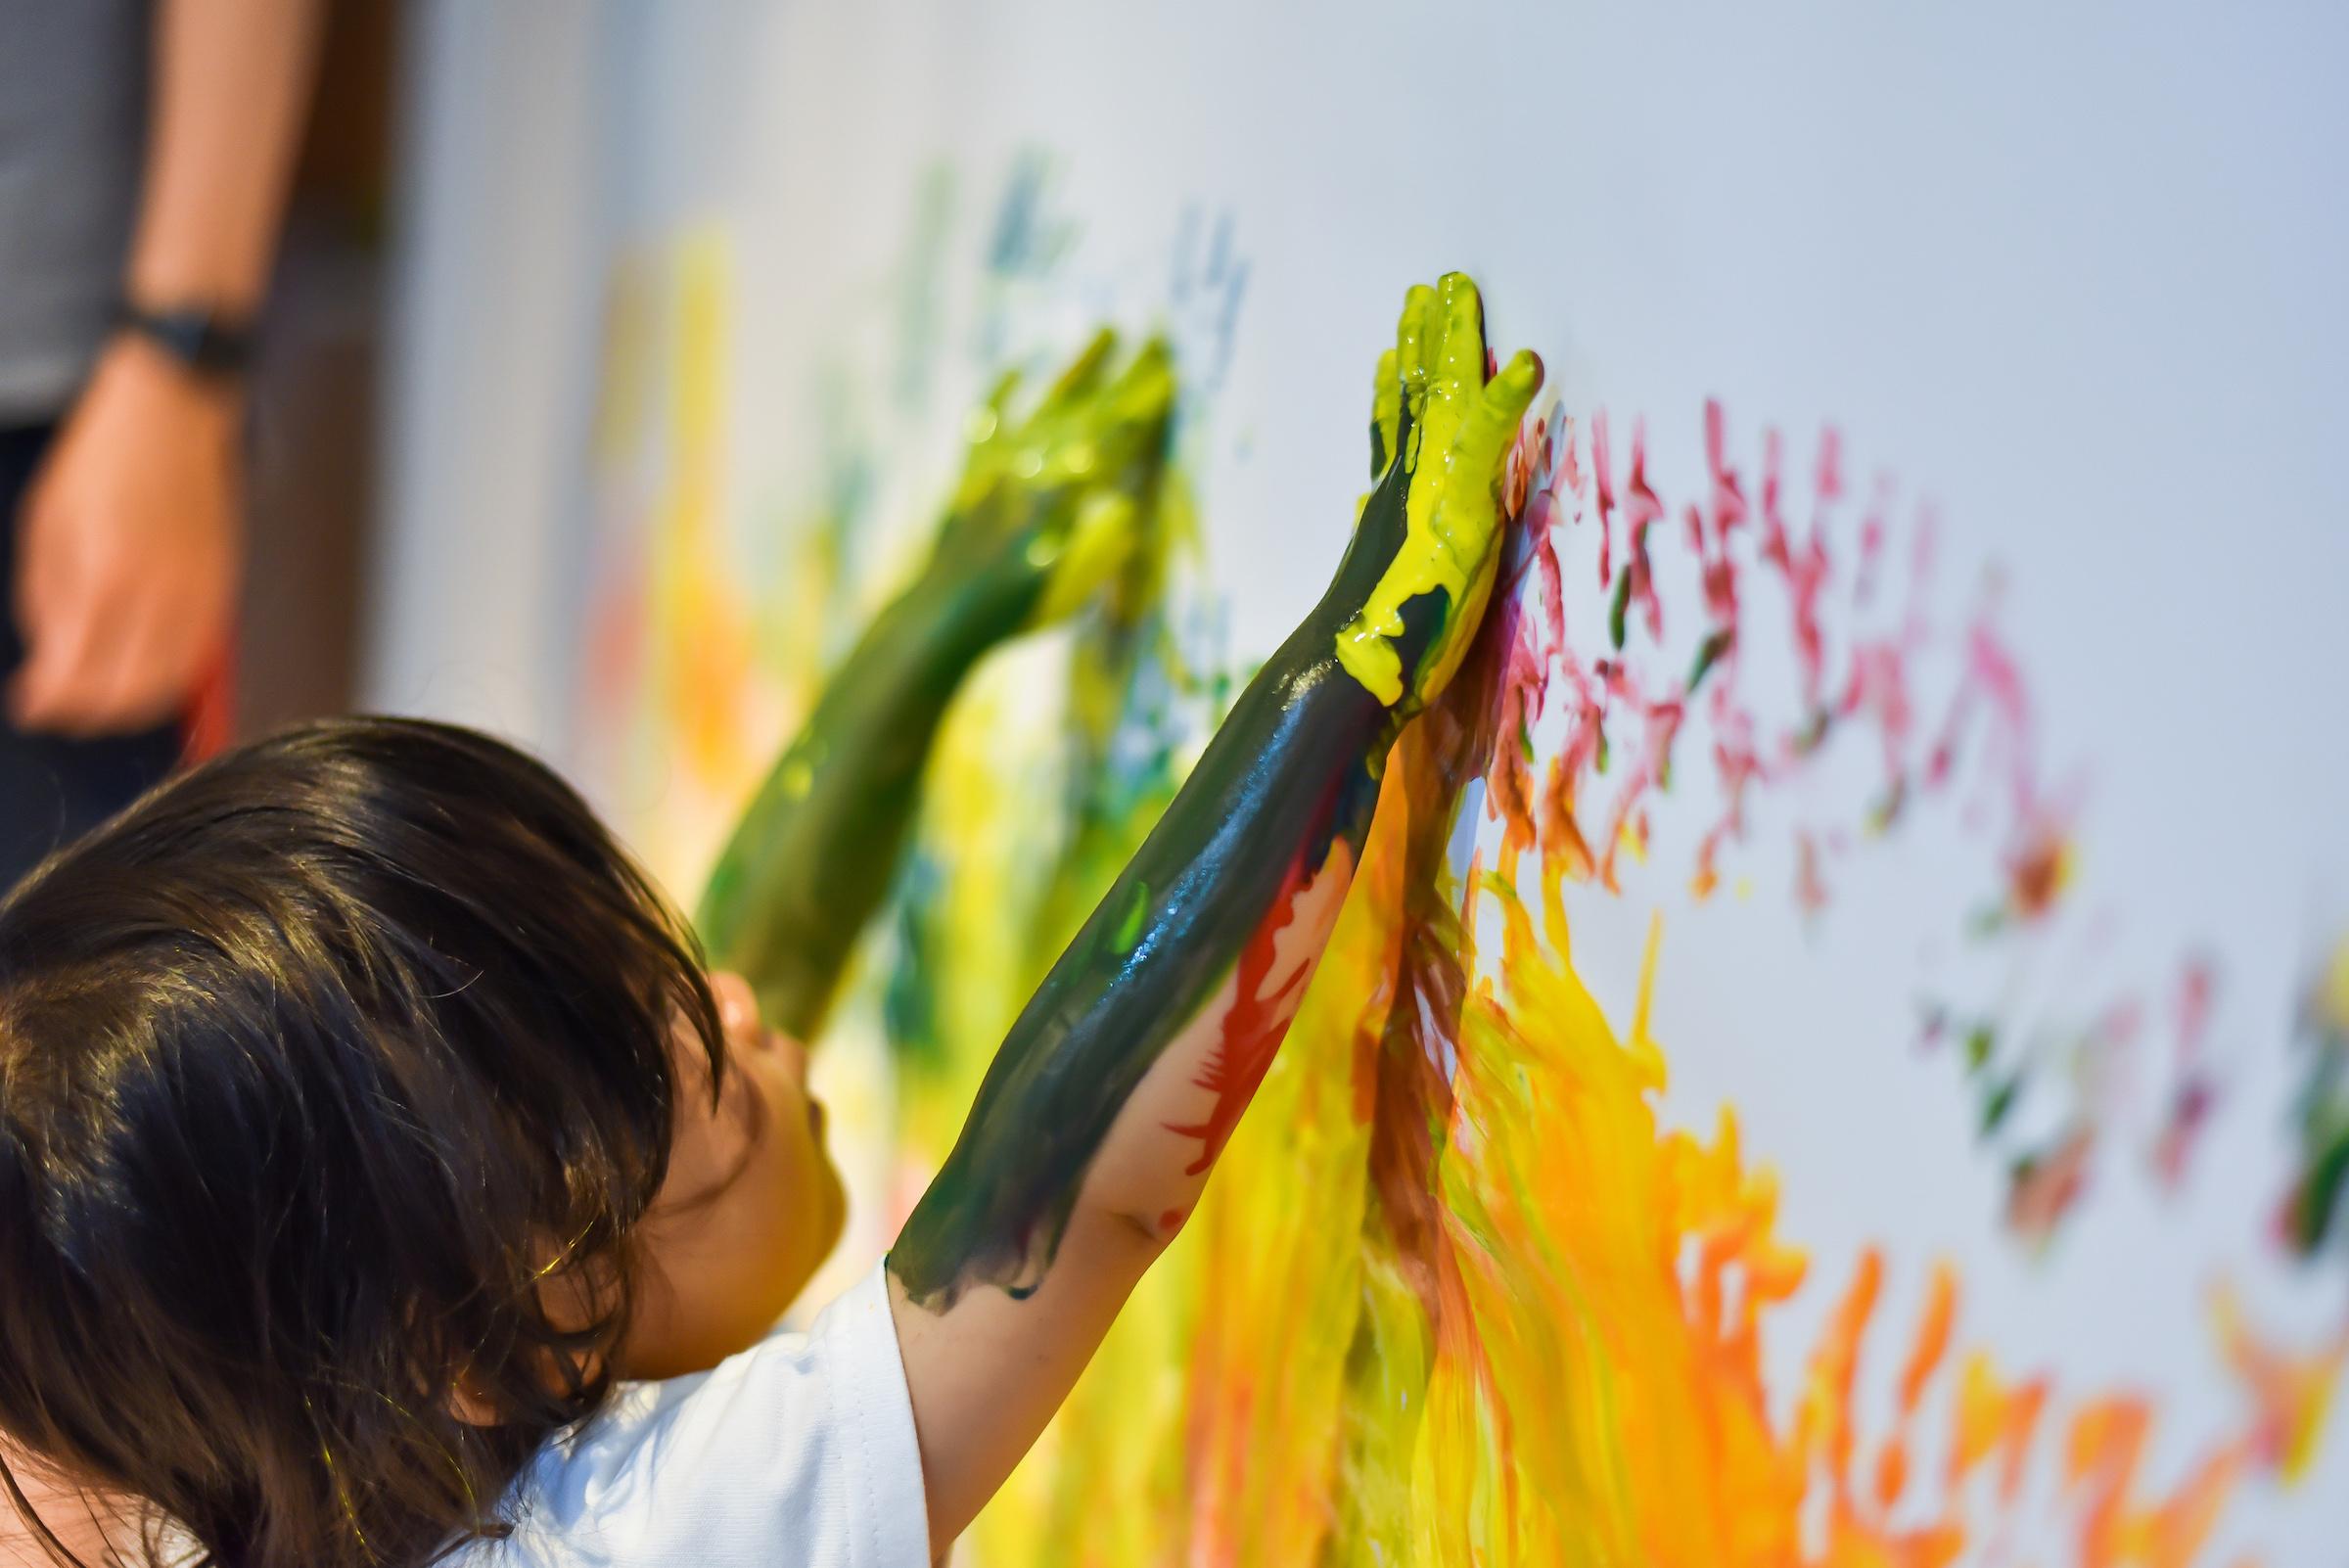 絵の具遊び。壁にハンドペイント